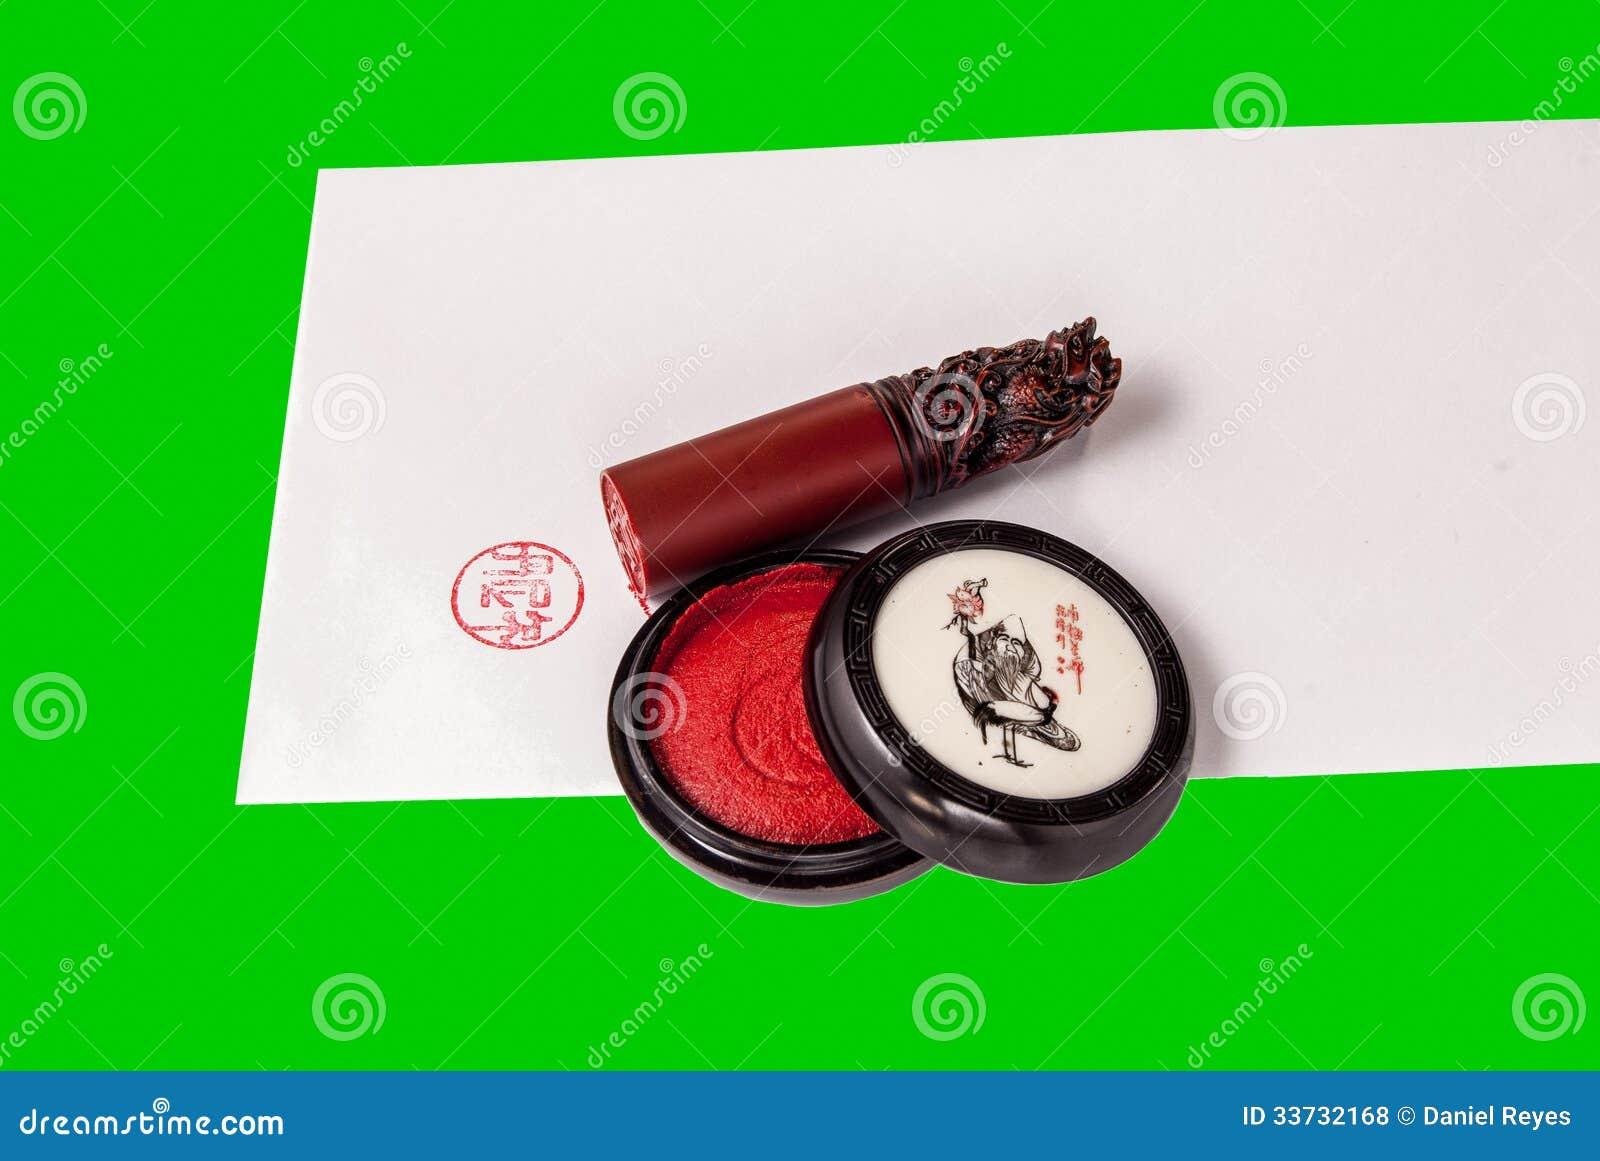 Штемпель и штемпельная подушка китайца на конверте